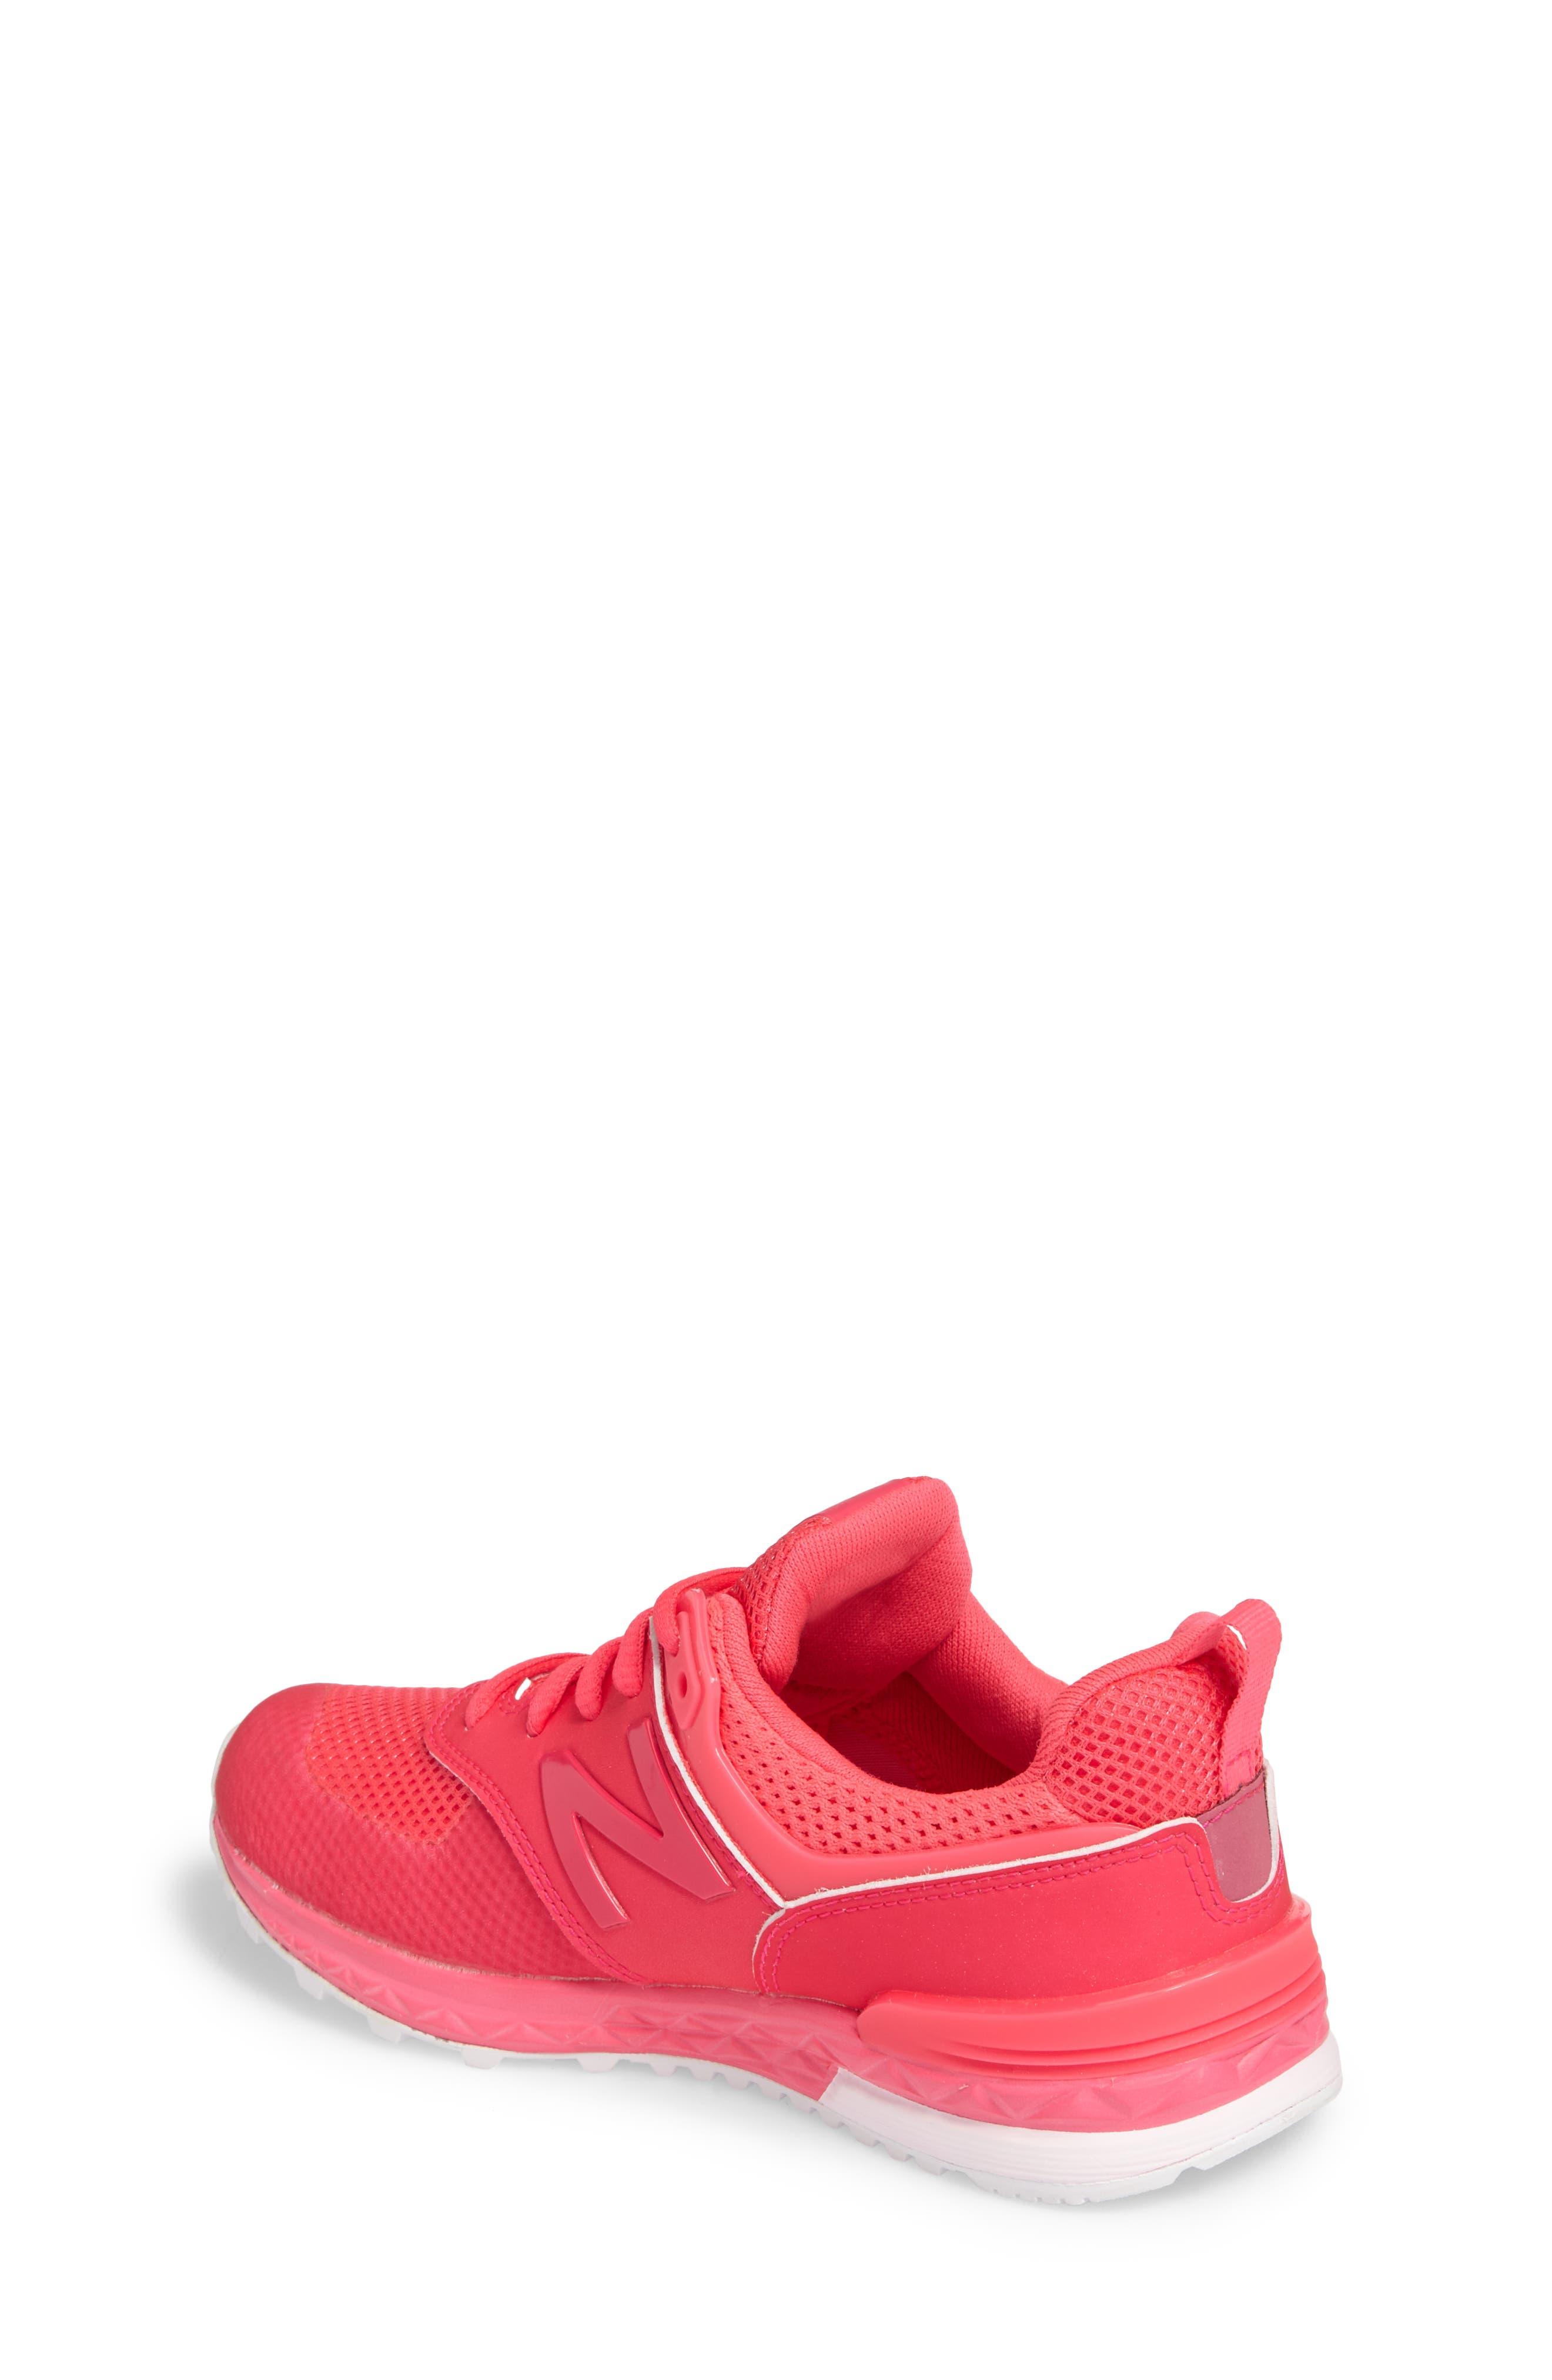 574 v2 Sport Sneaker,                             Alternate thumbnail 2, color,                             660